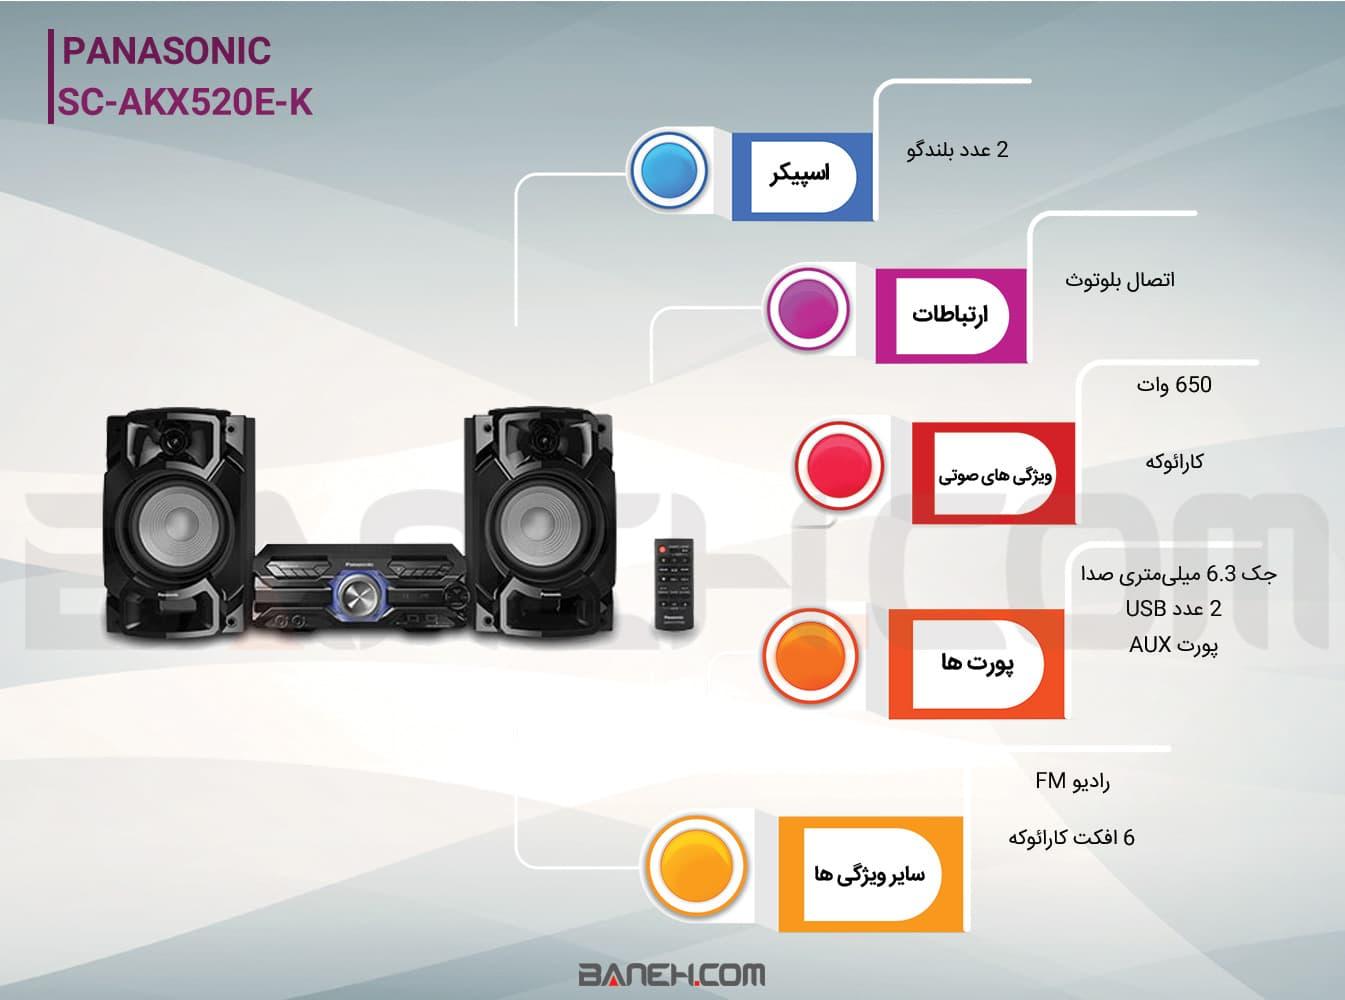 اینفوگرافی پخش کننده چند رسانه ای پاناسونیک SC-AKX520E-K